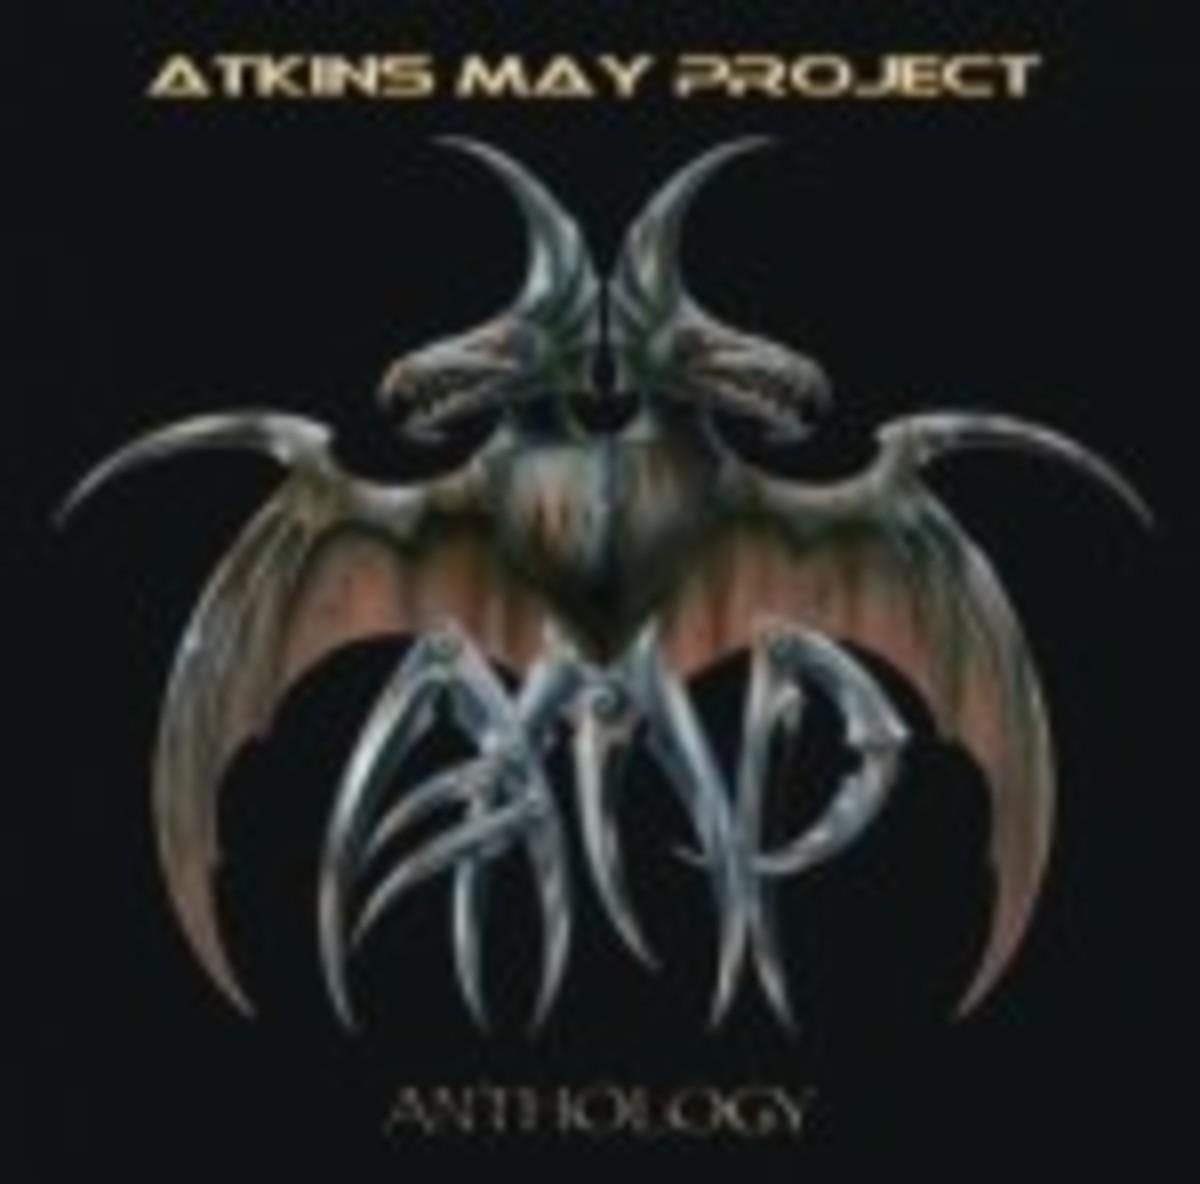 atkins-may-project